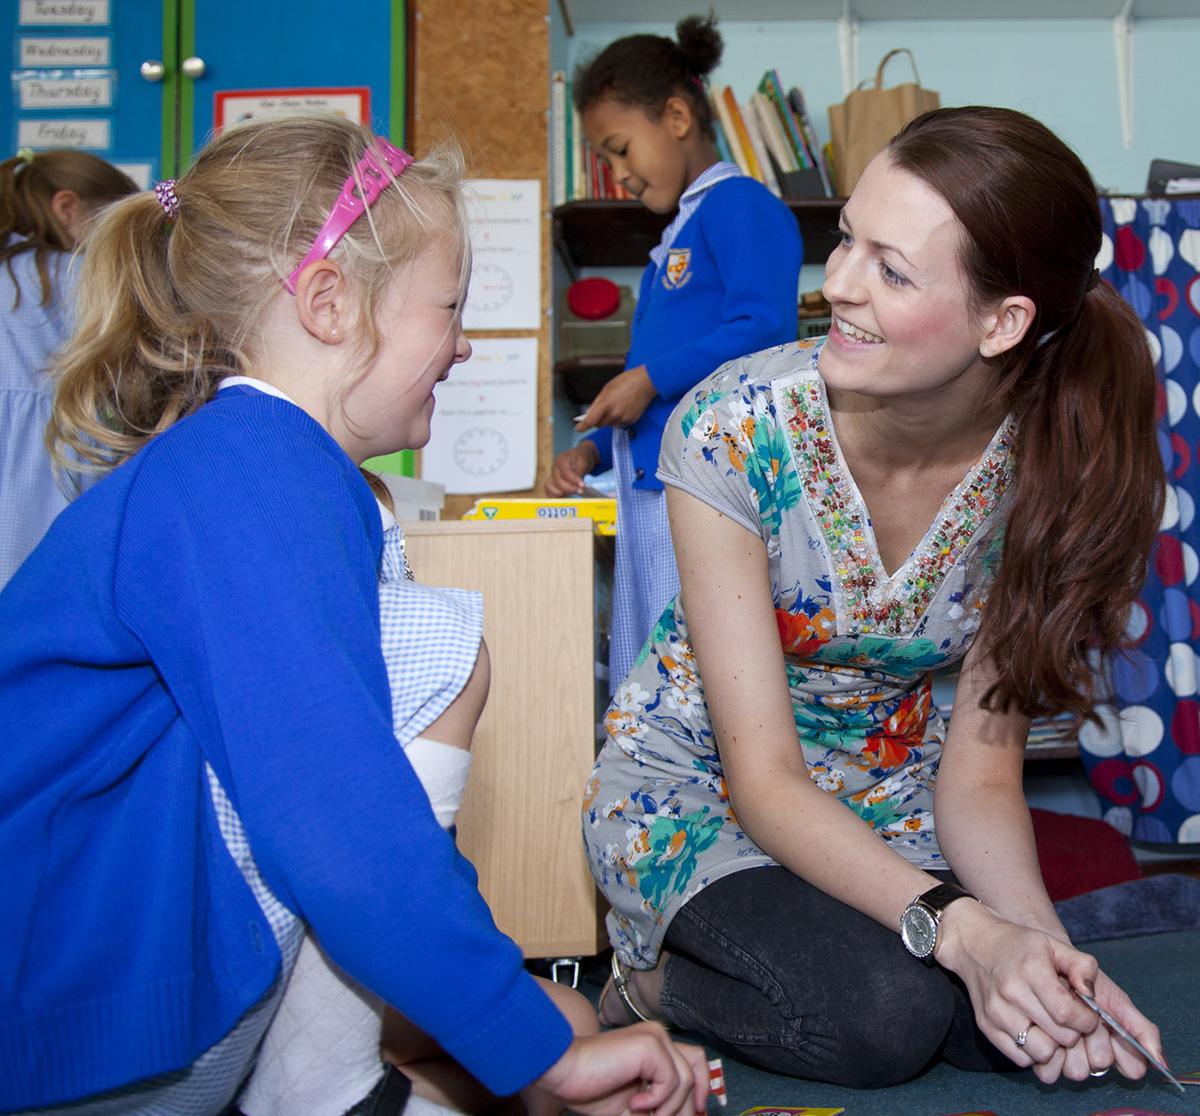 028 Primary Schools